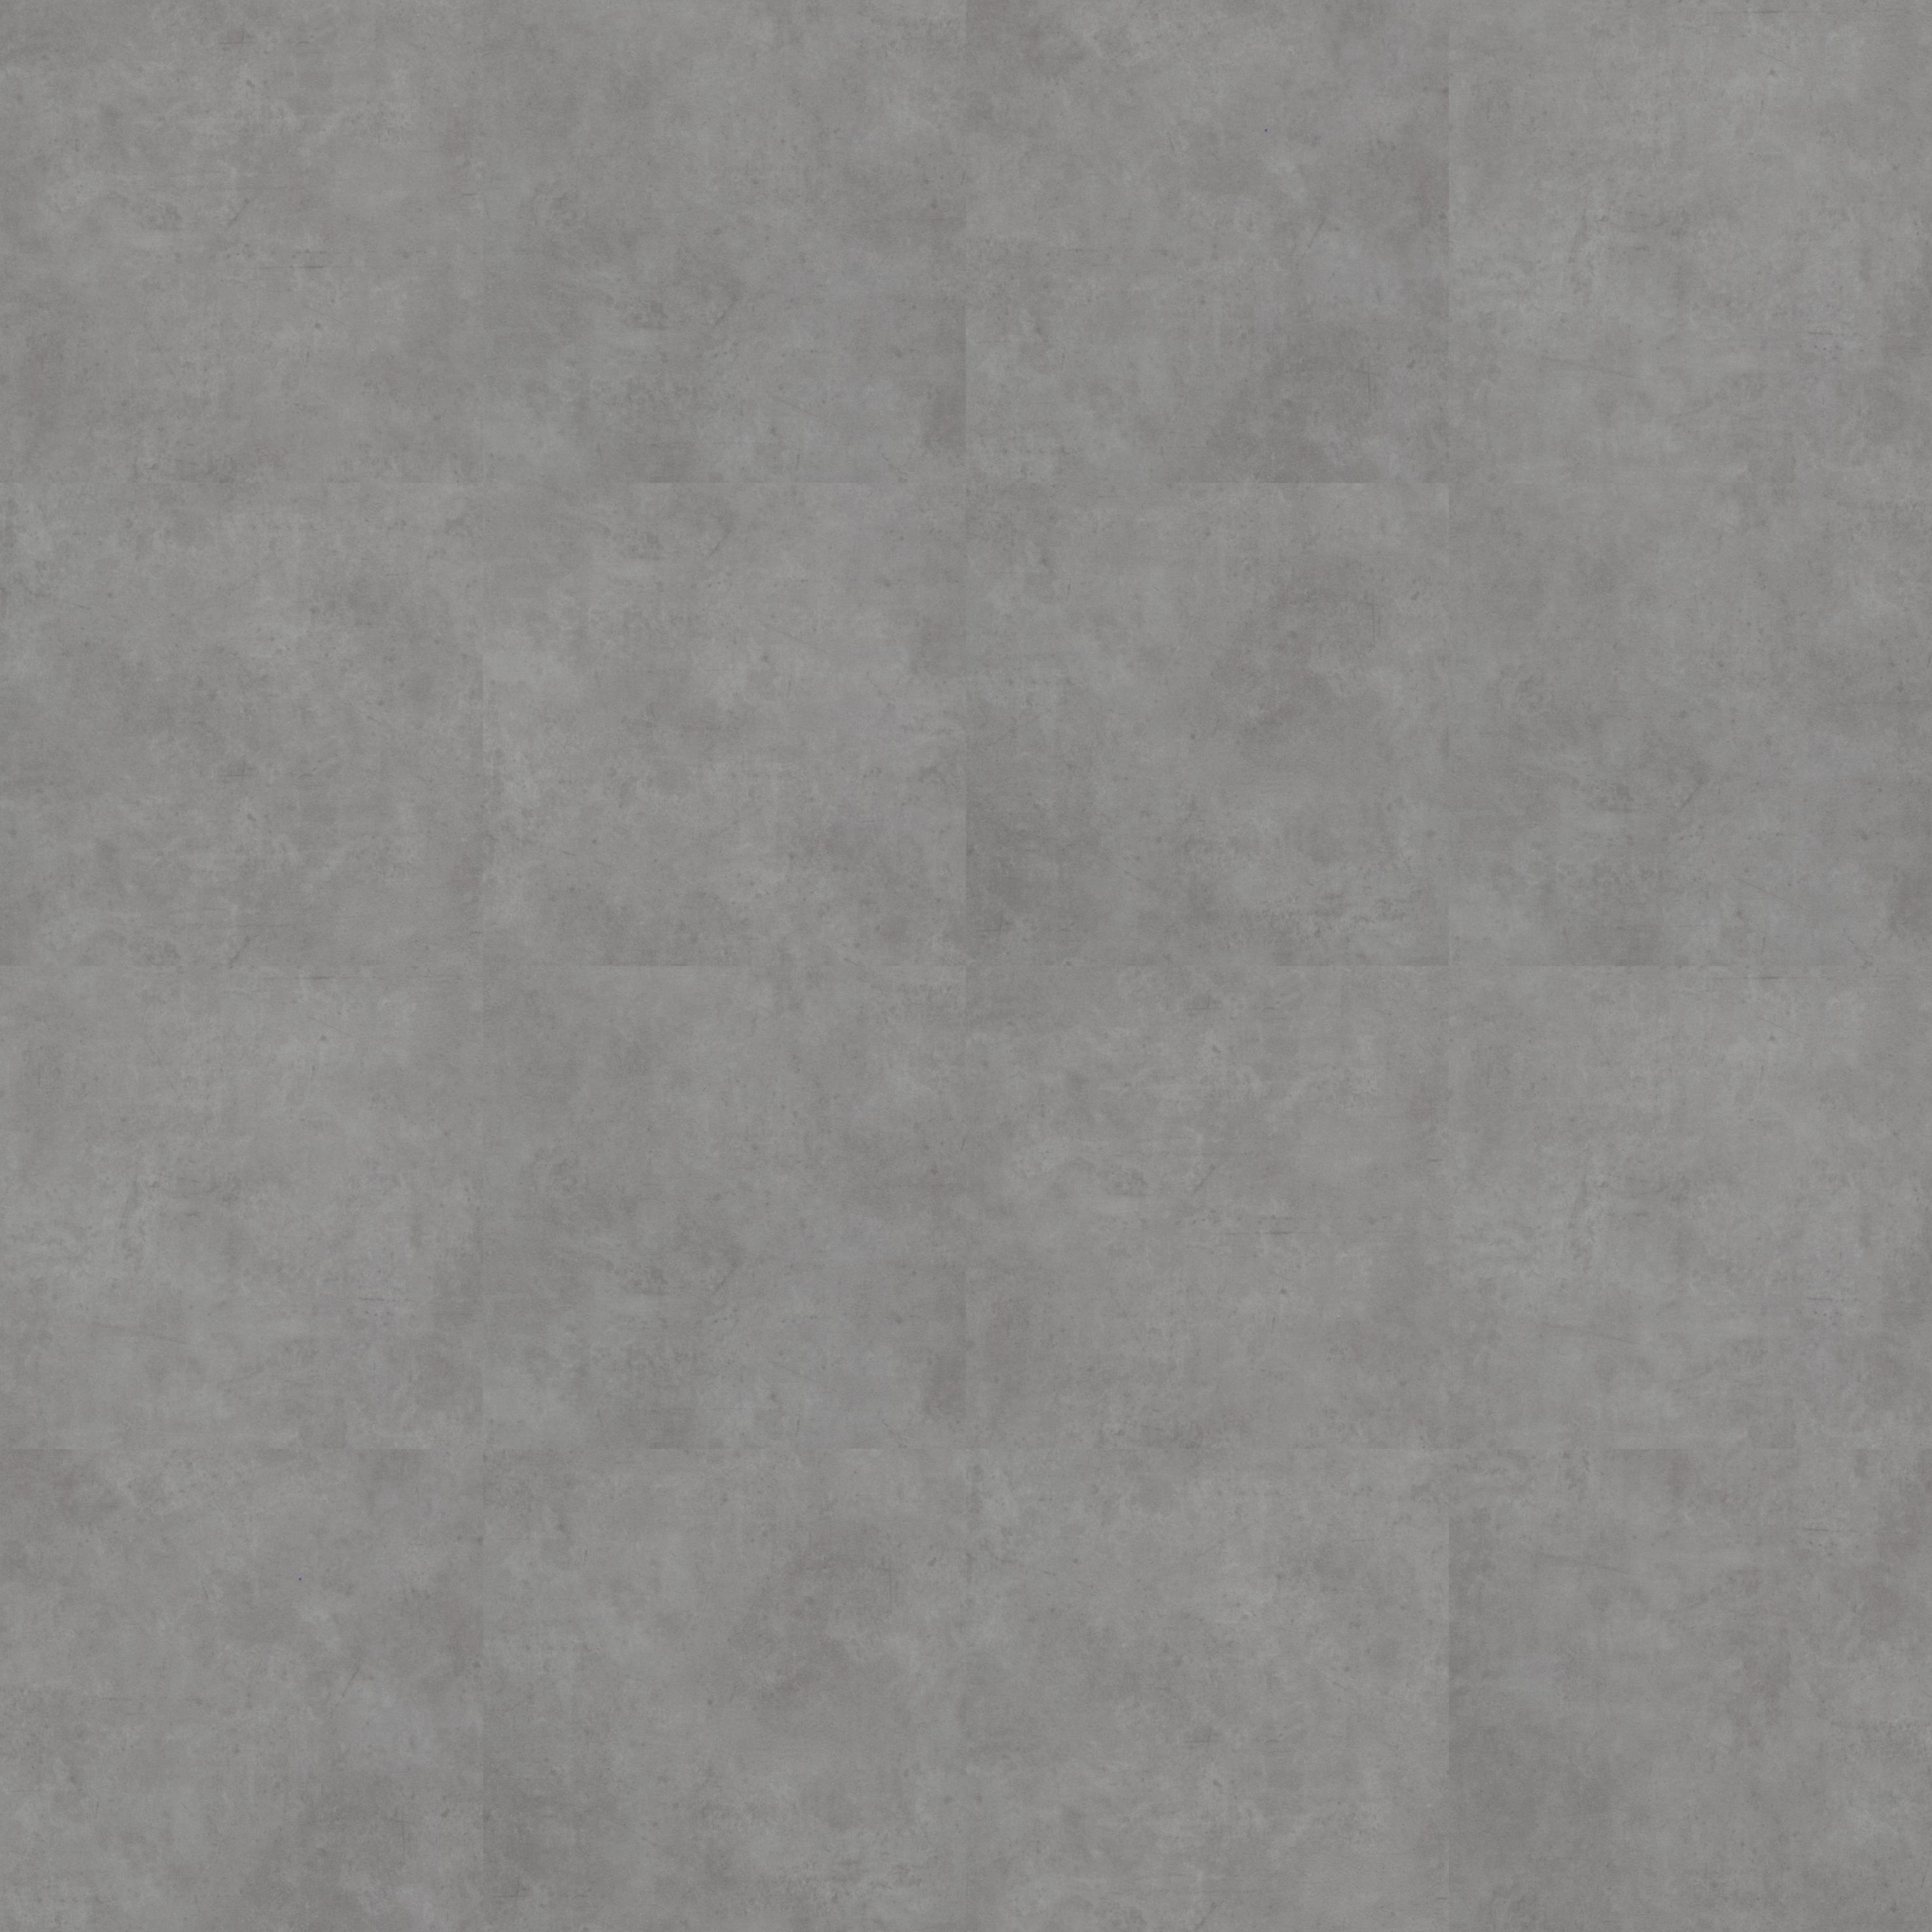 Allura_Stone_-s62523_grigio_concrete